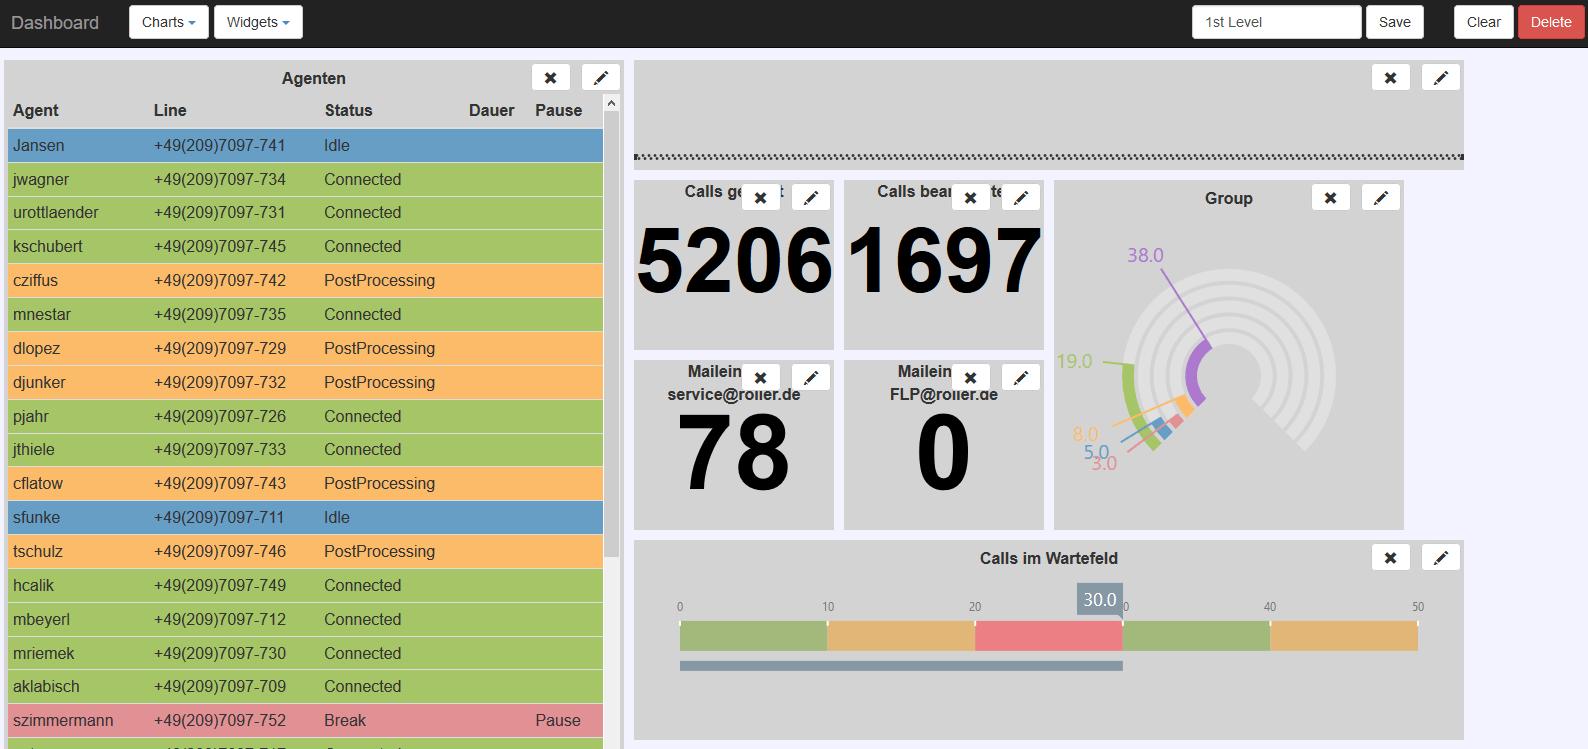 Dashboard Inbound Call Center Software